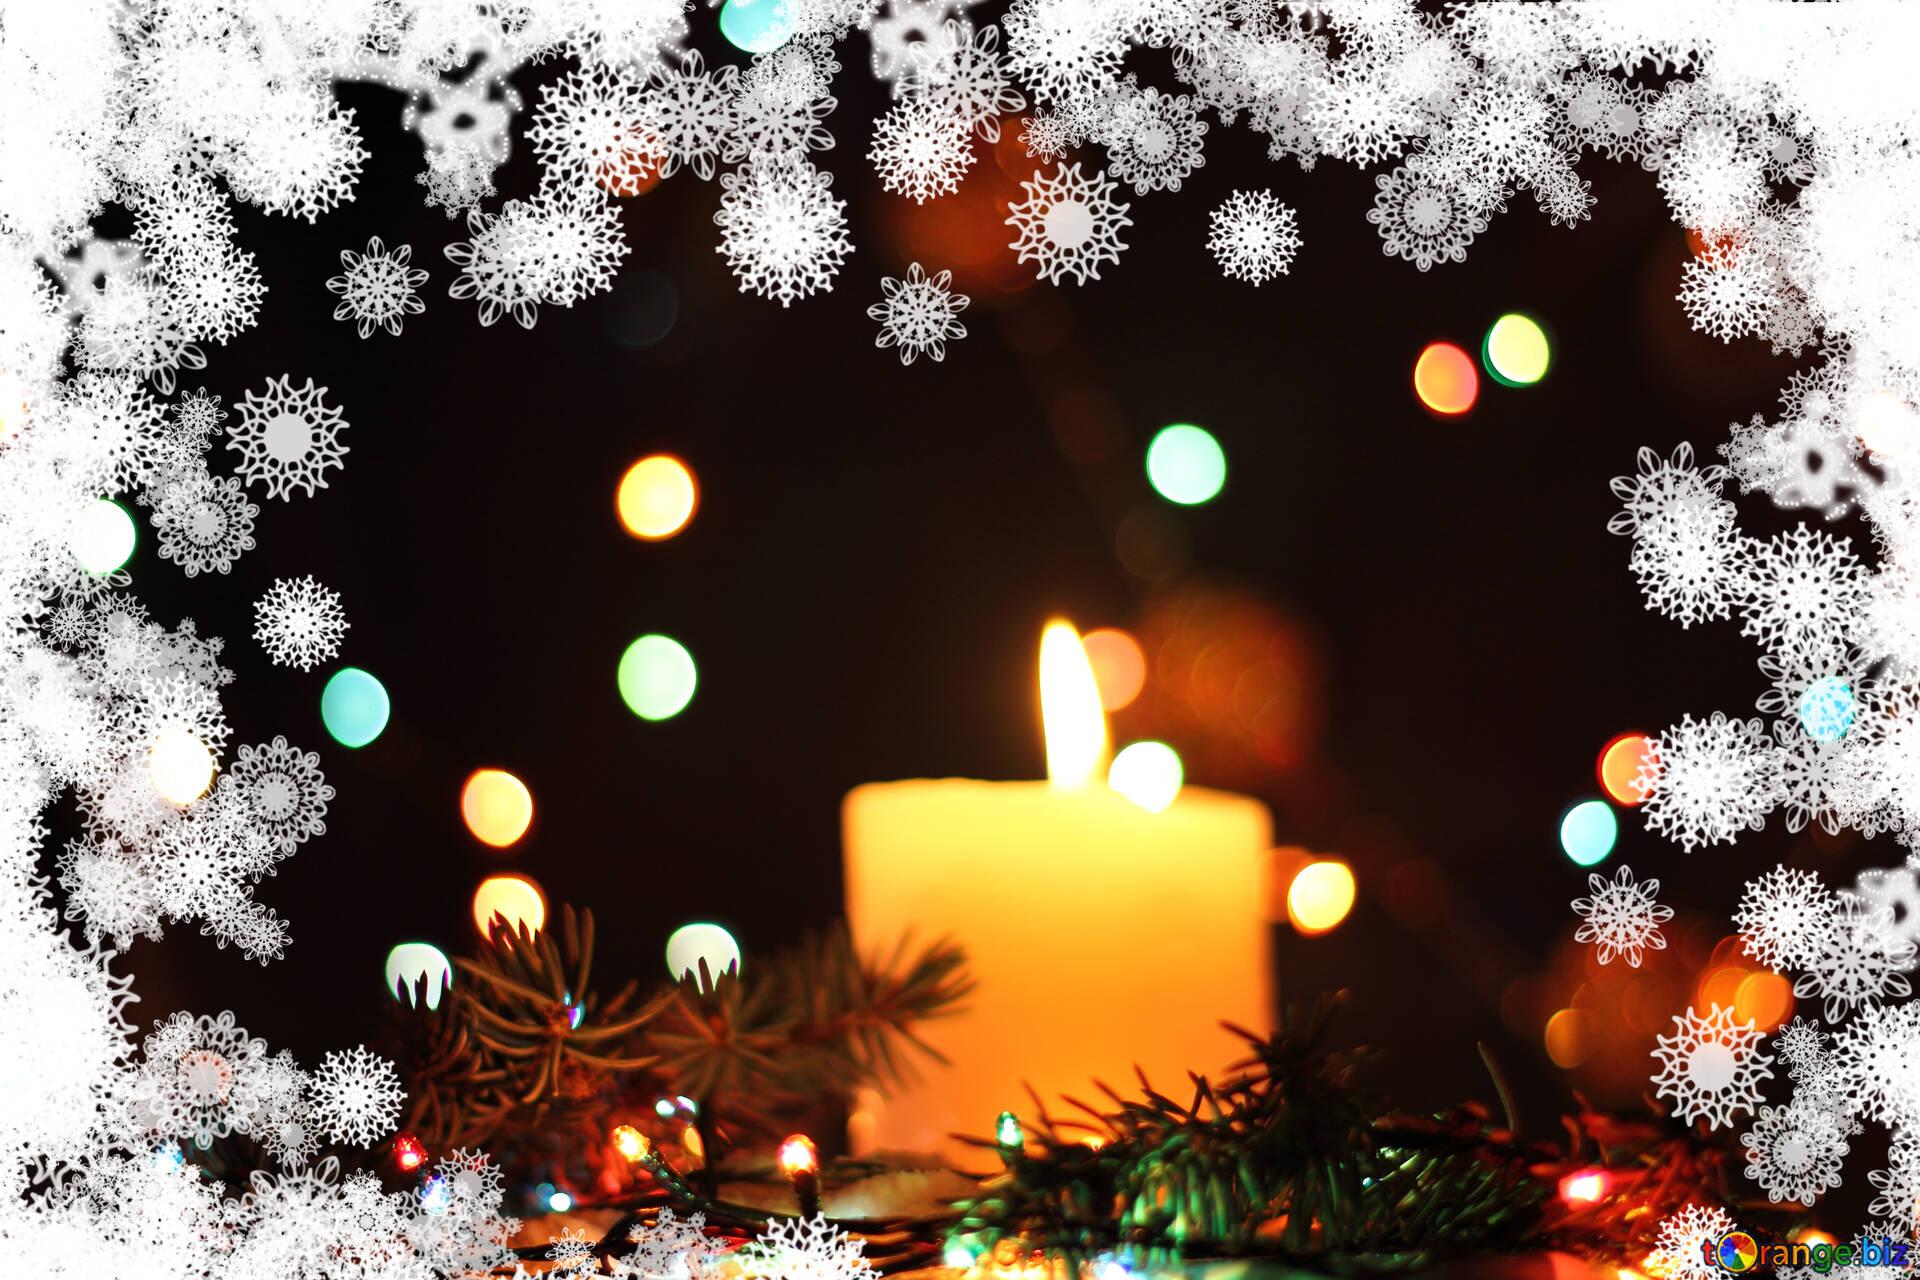 Weihnachtskerzen hintergrund weihnachten kerze schneeflocke grafik ...